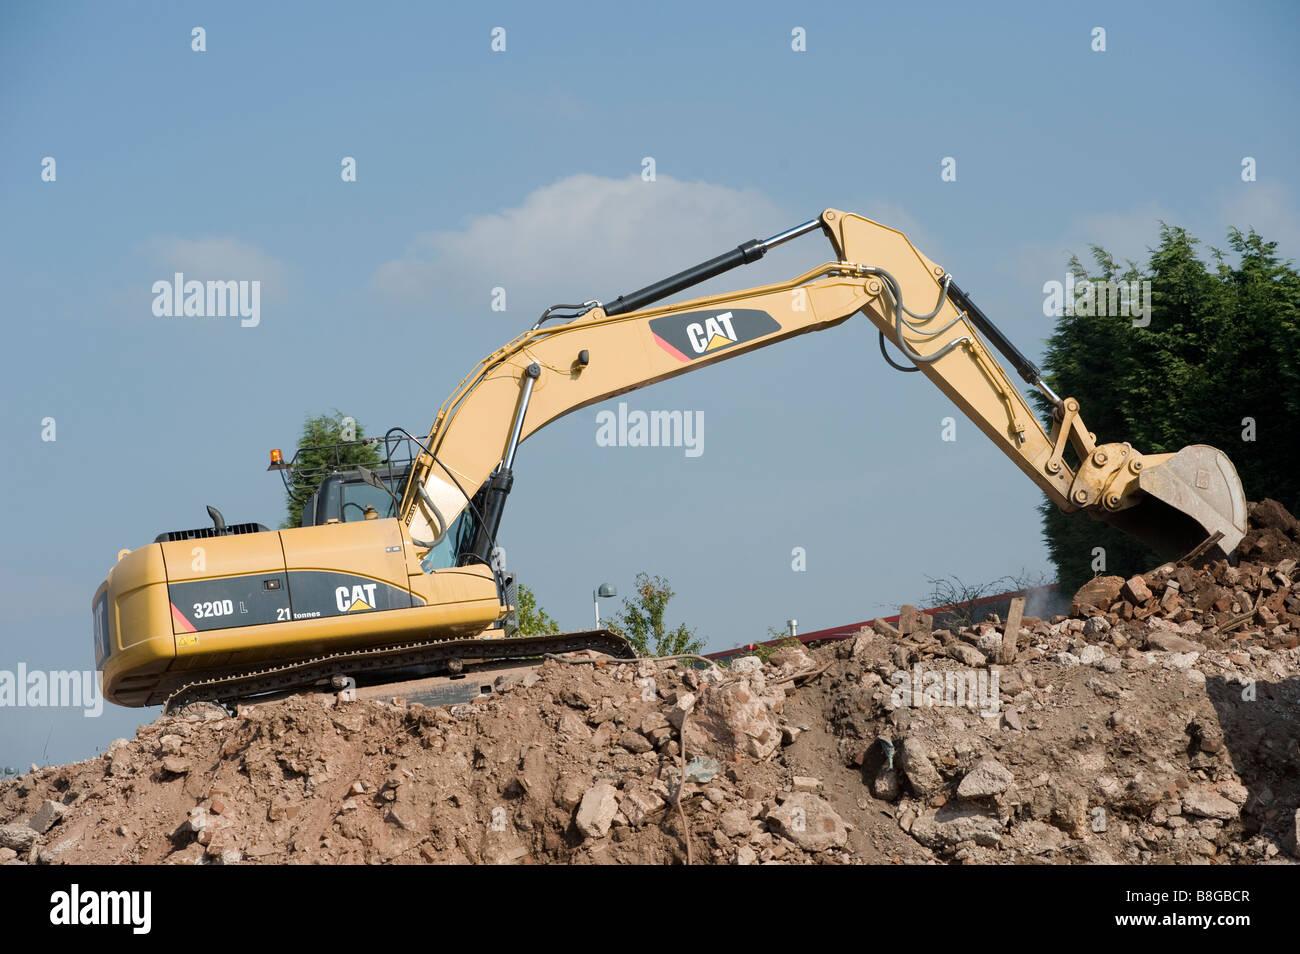 Excavators On Construction Site Stock Photos & Excavators On